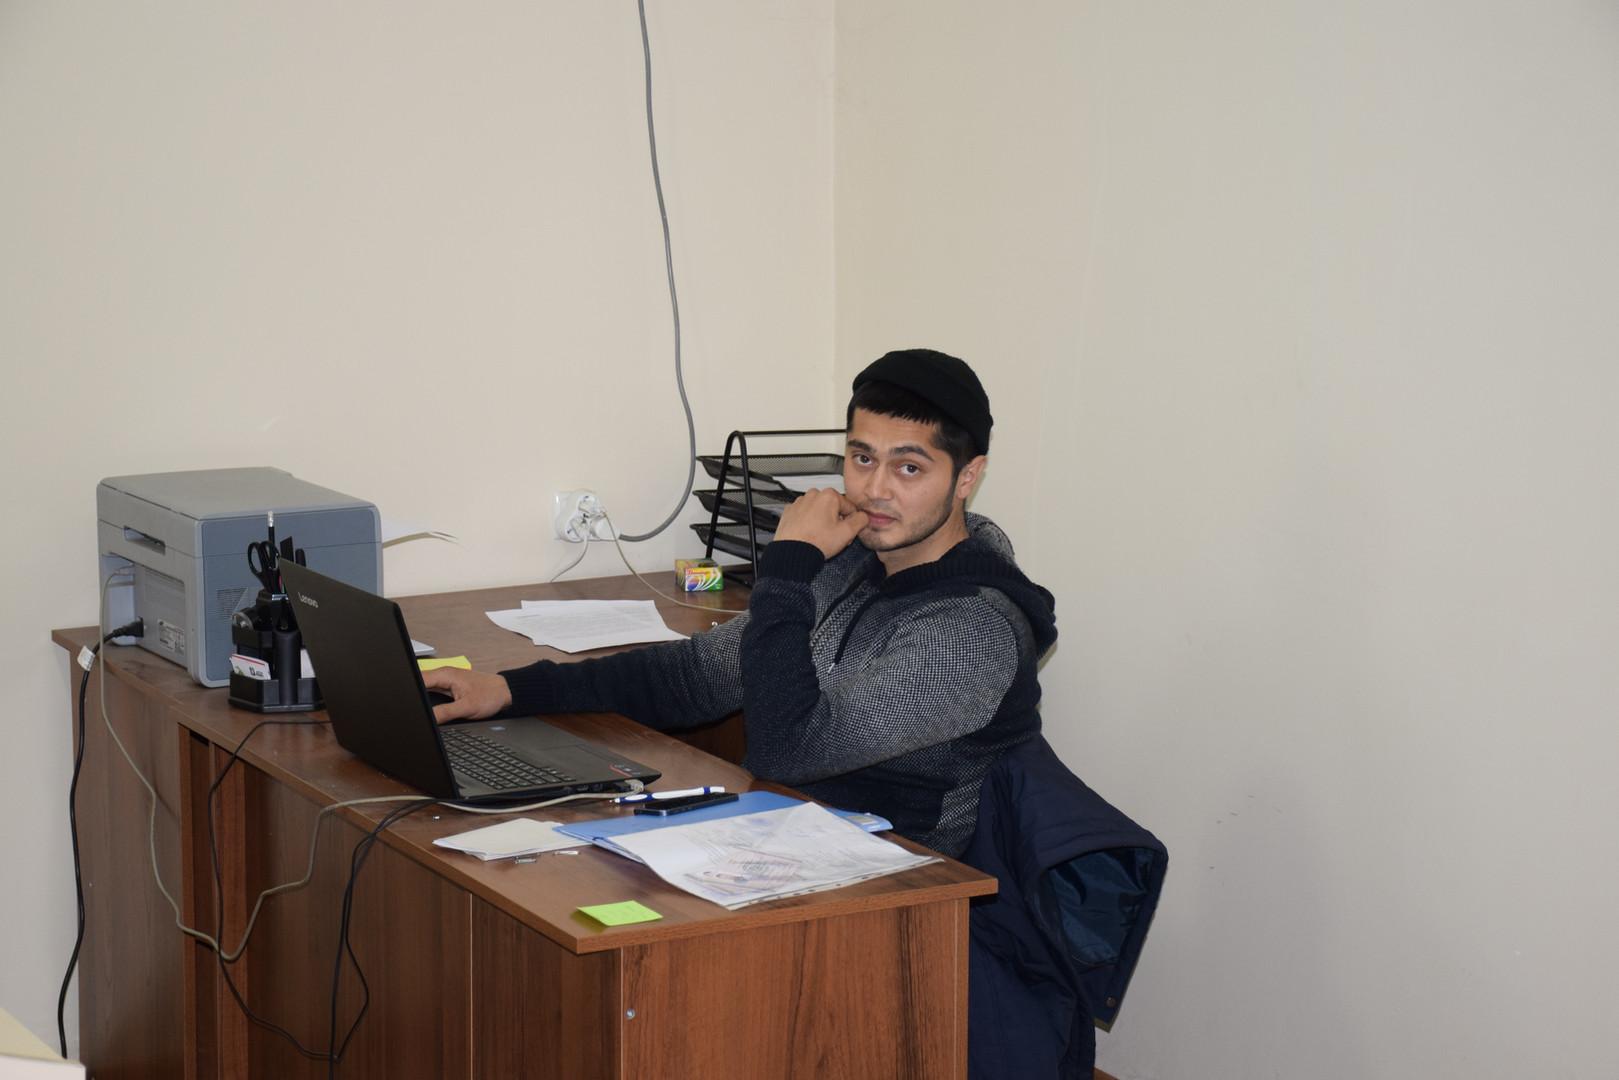 Sardor bei der Arbeit